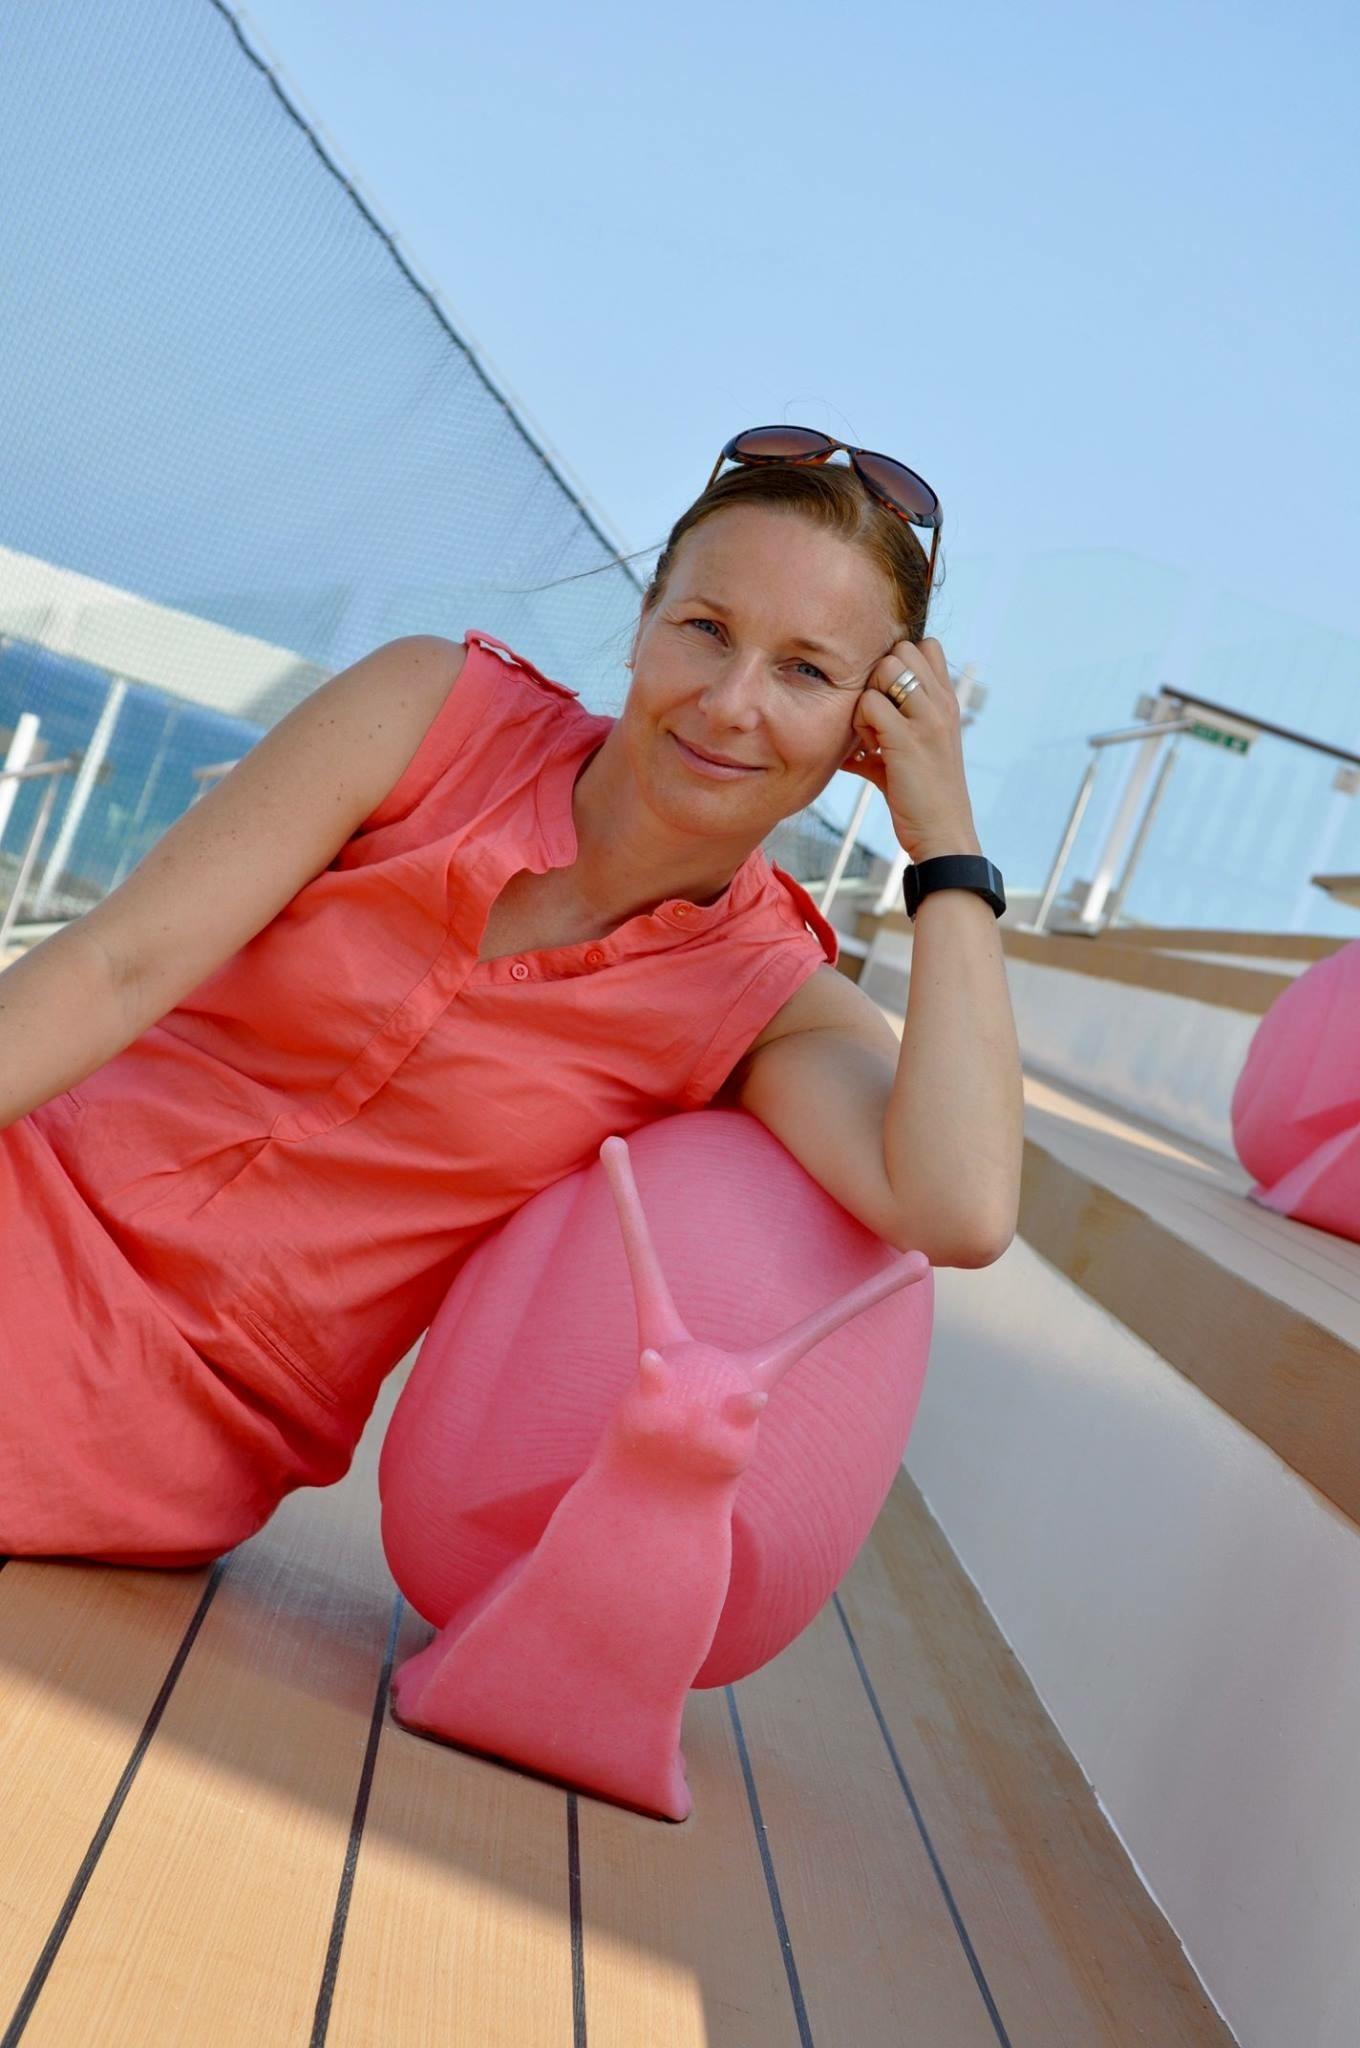 Mein Schiff Blog Gastautorin Elisabeth Konstandinidis